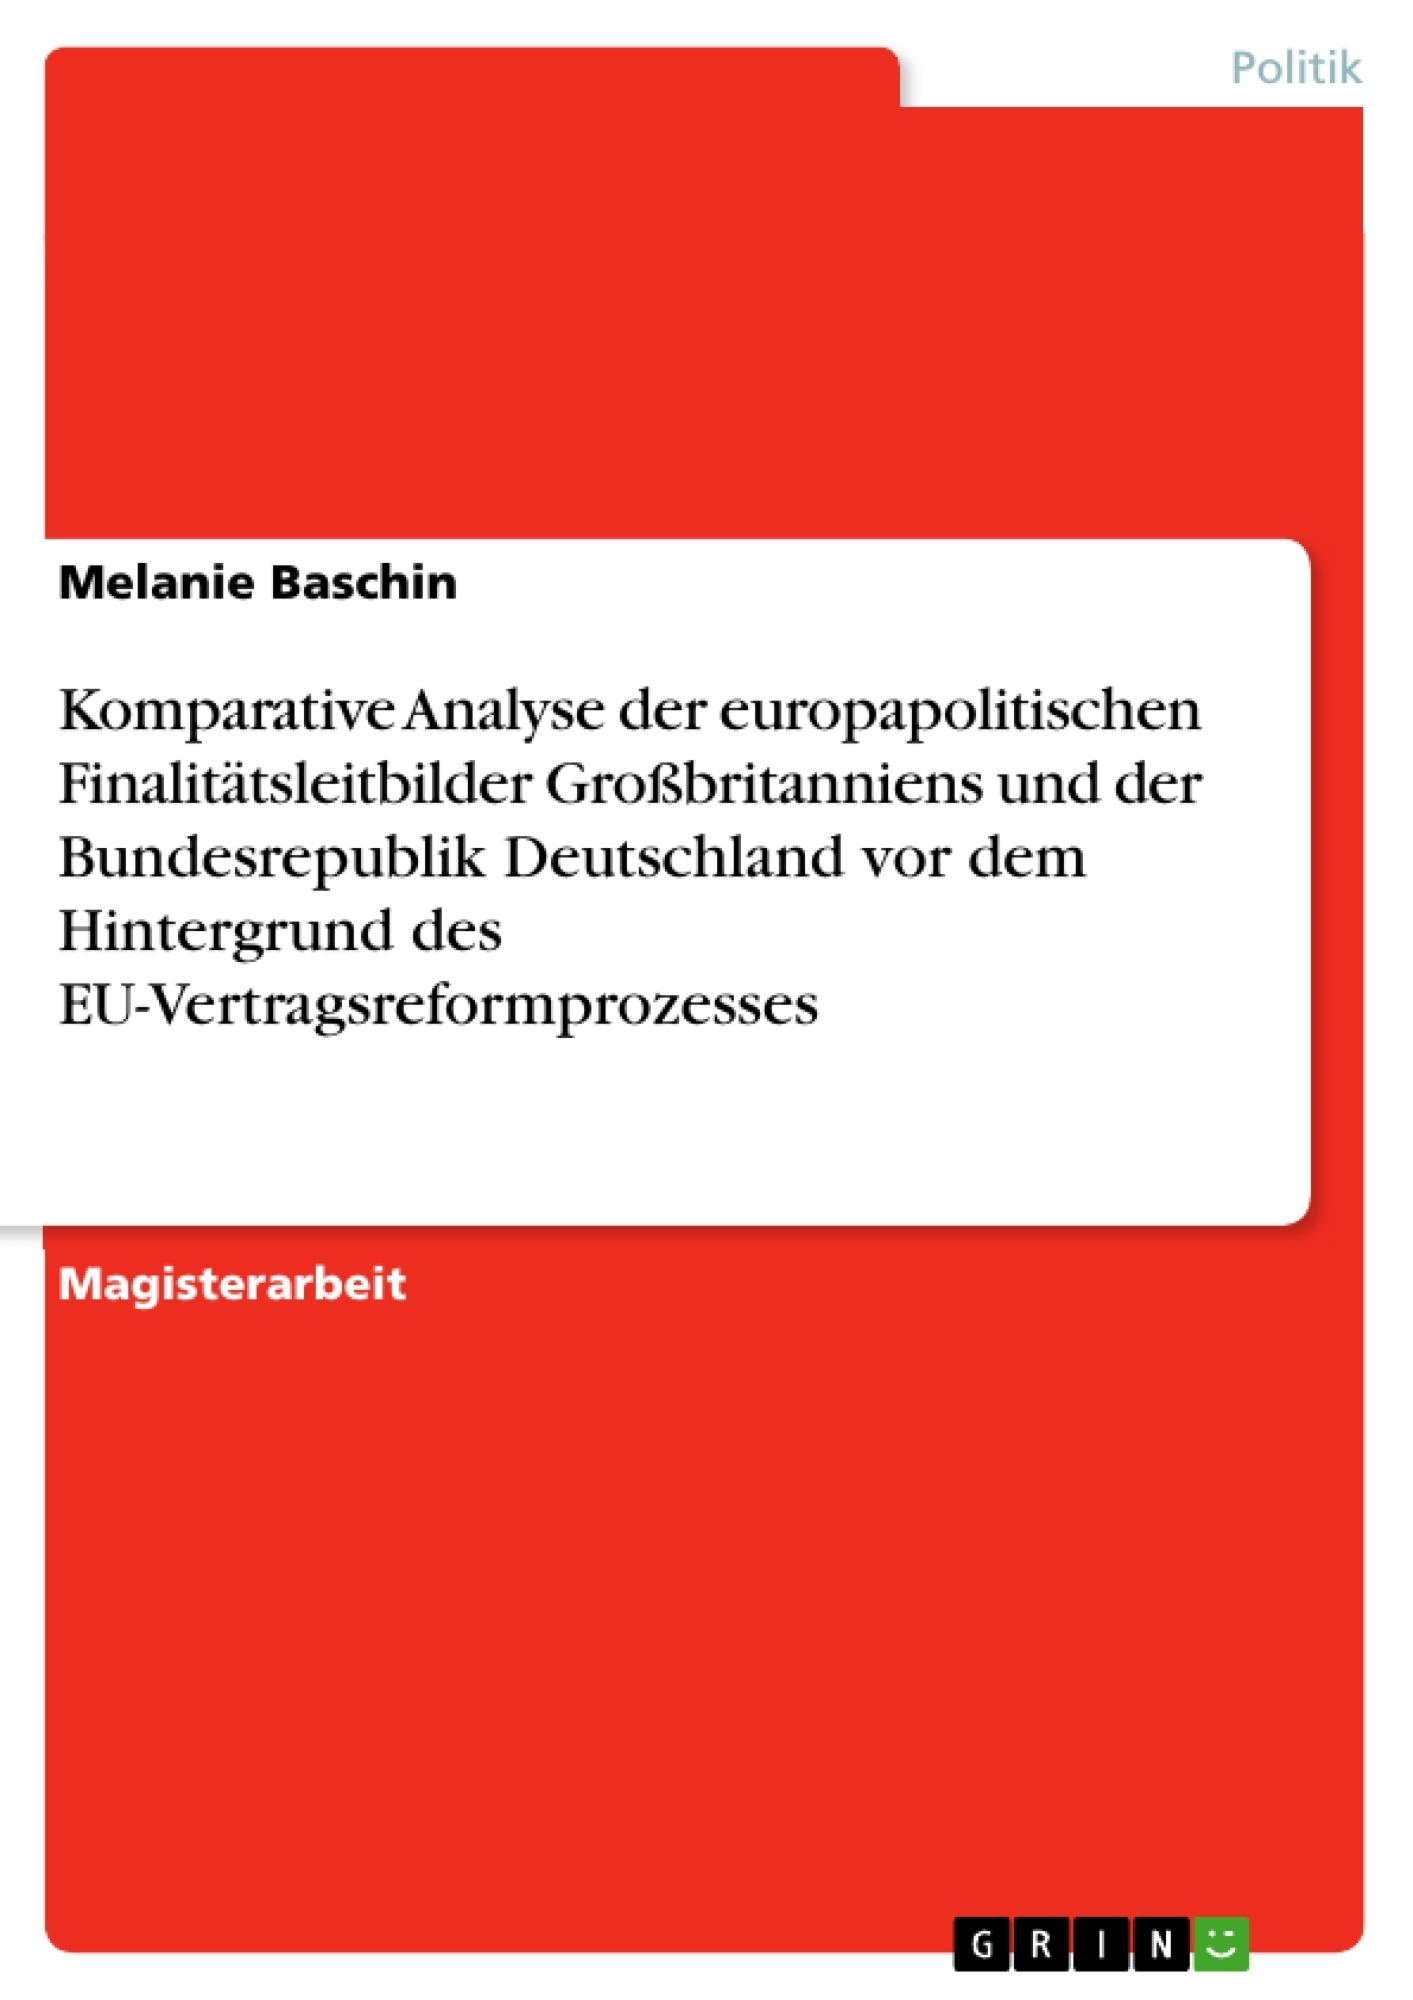 Titel: Komparative Analyse der europapolitischen Finalitätsleitbilder Großbritanniens und der Bundesrepublik Deutschland vor dem Hintergrund des EU-Vertragsreformprozesses